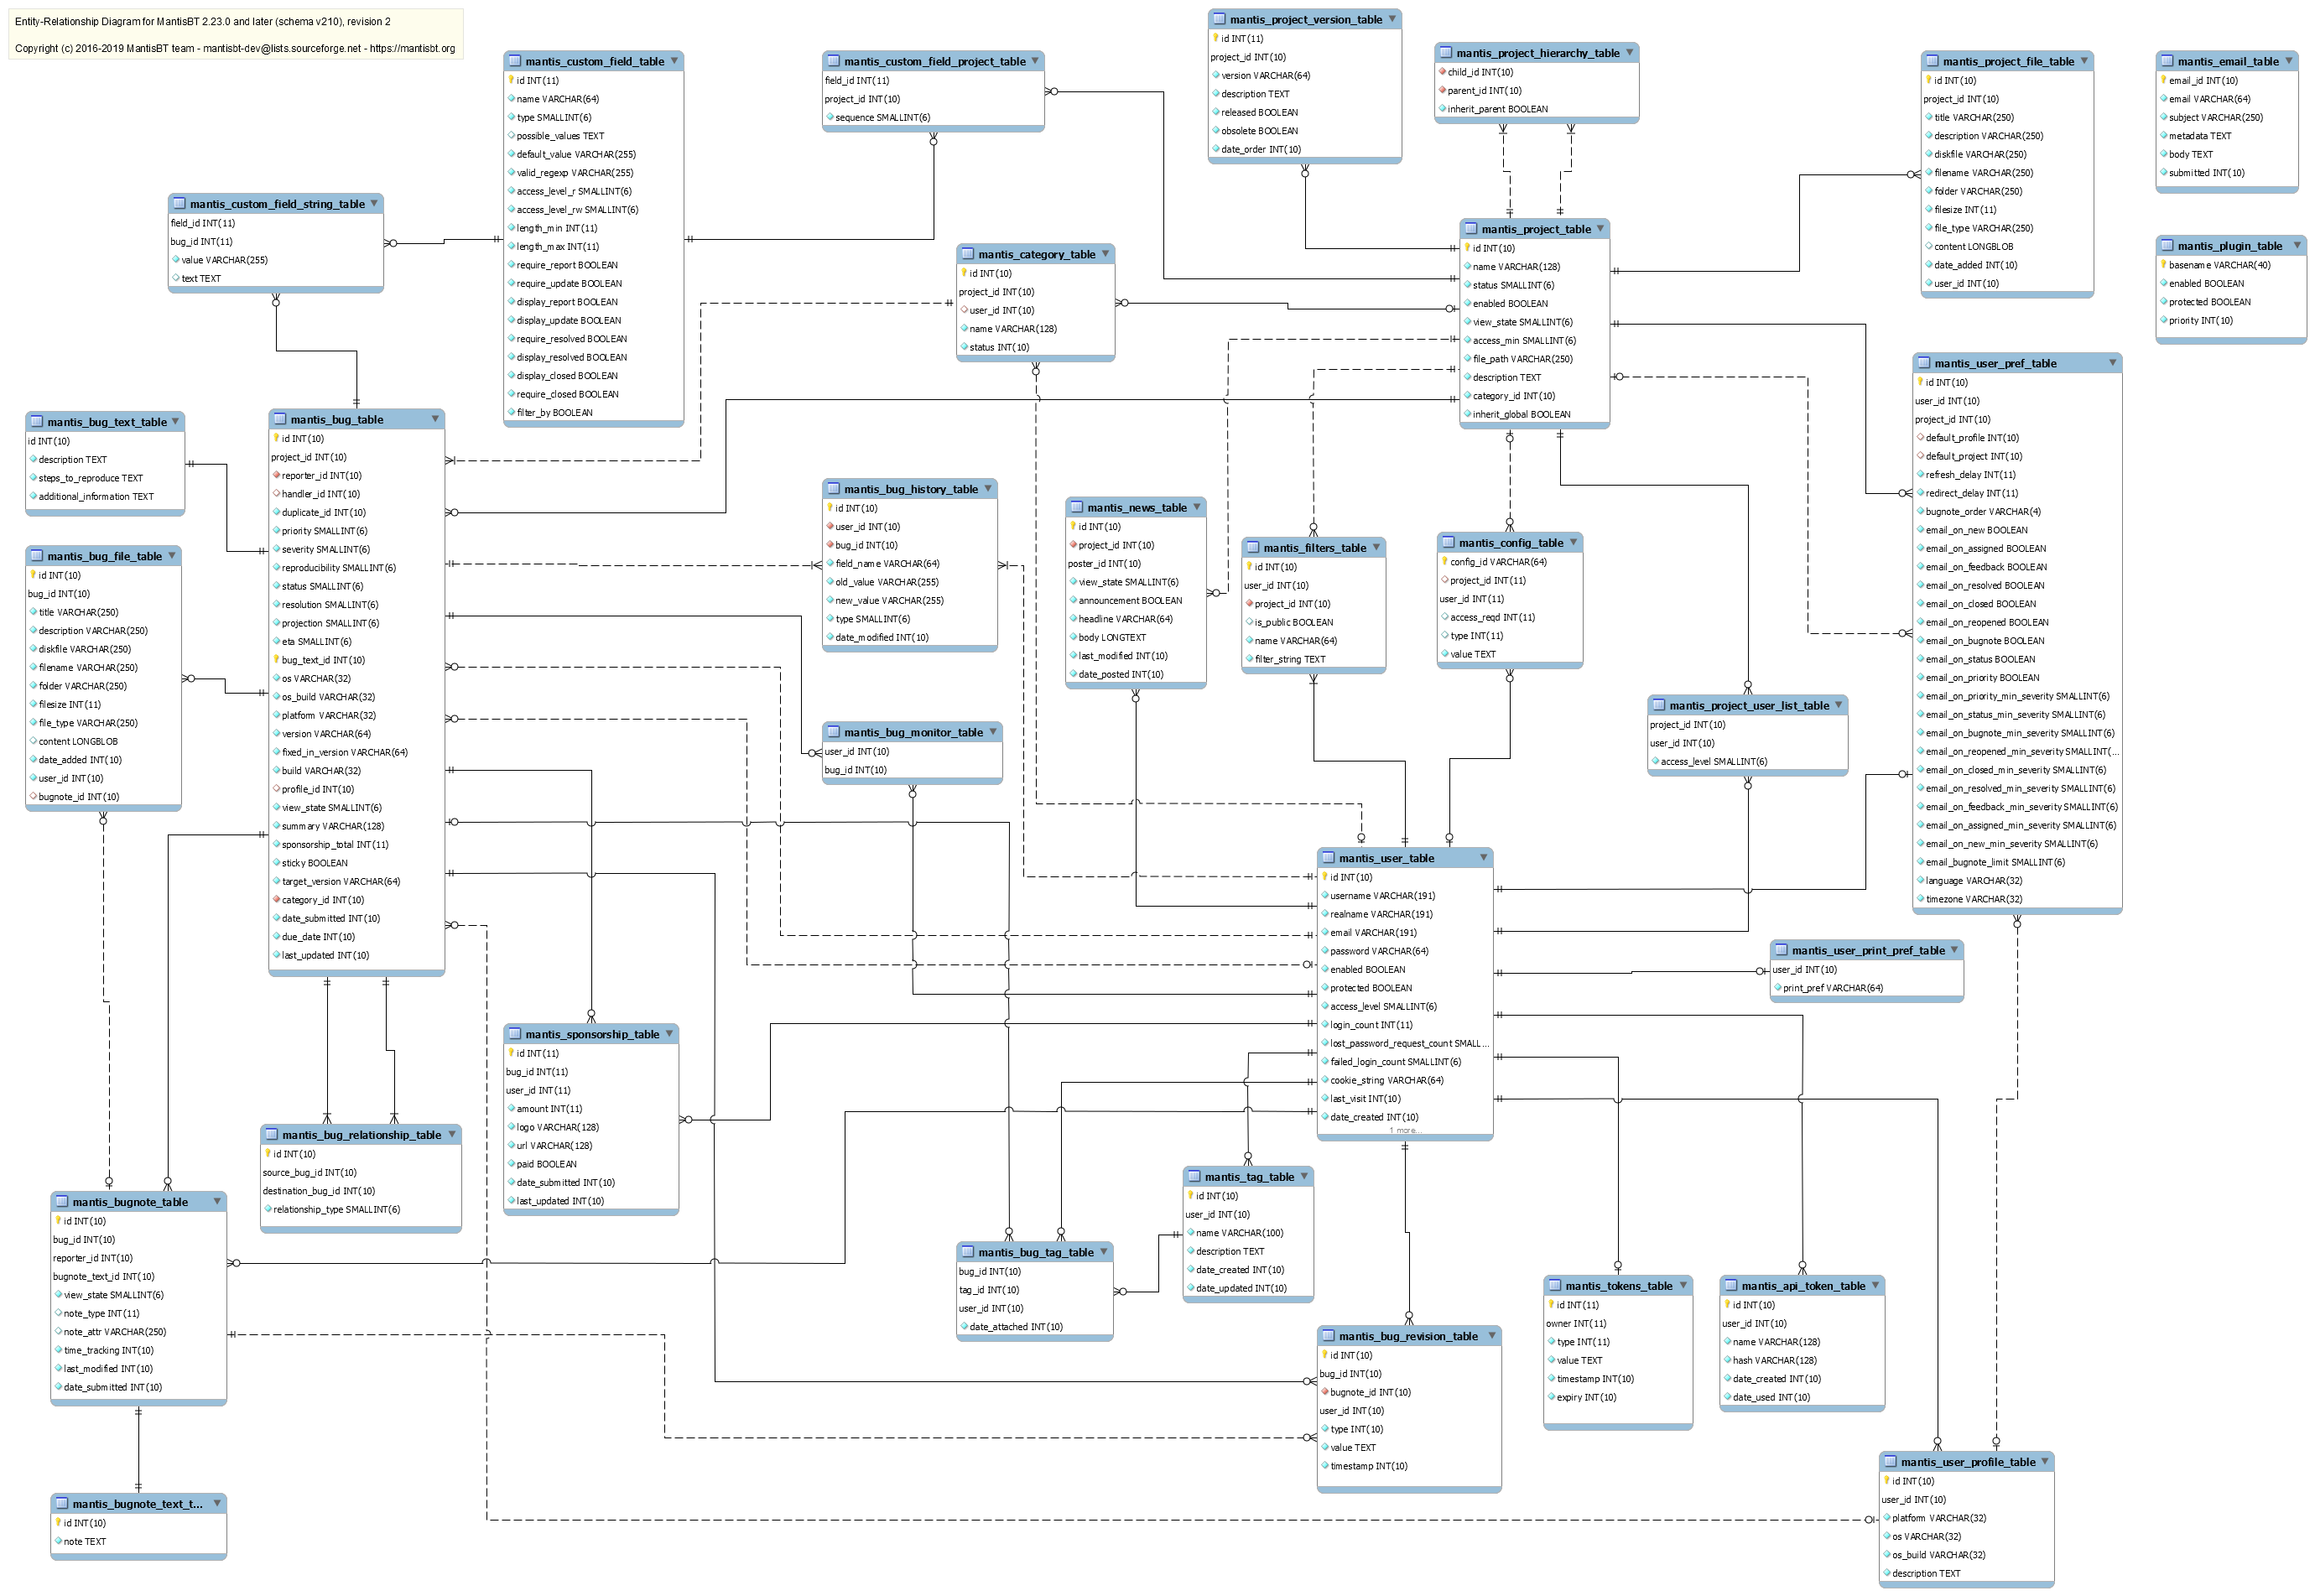 Chapter 2. Database Schema Management